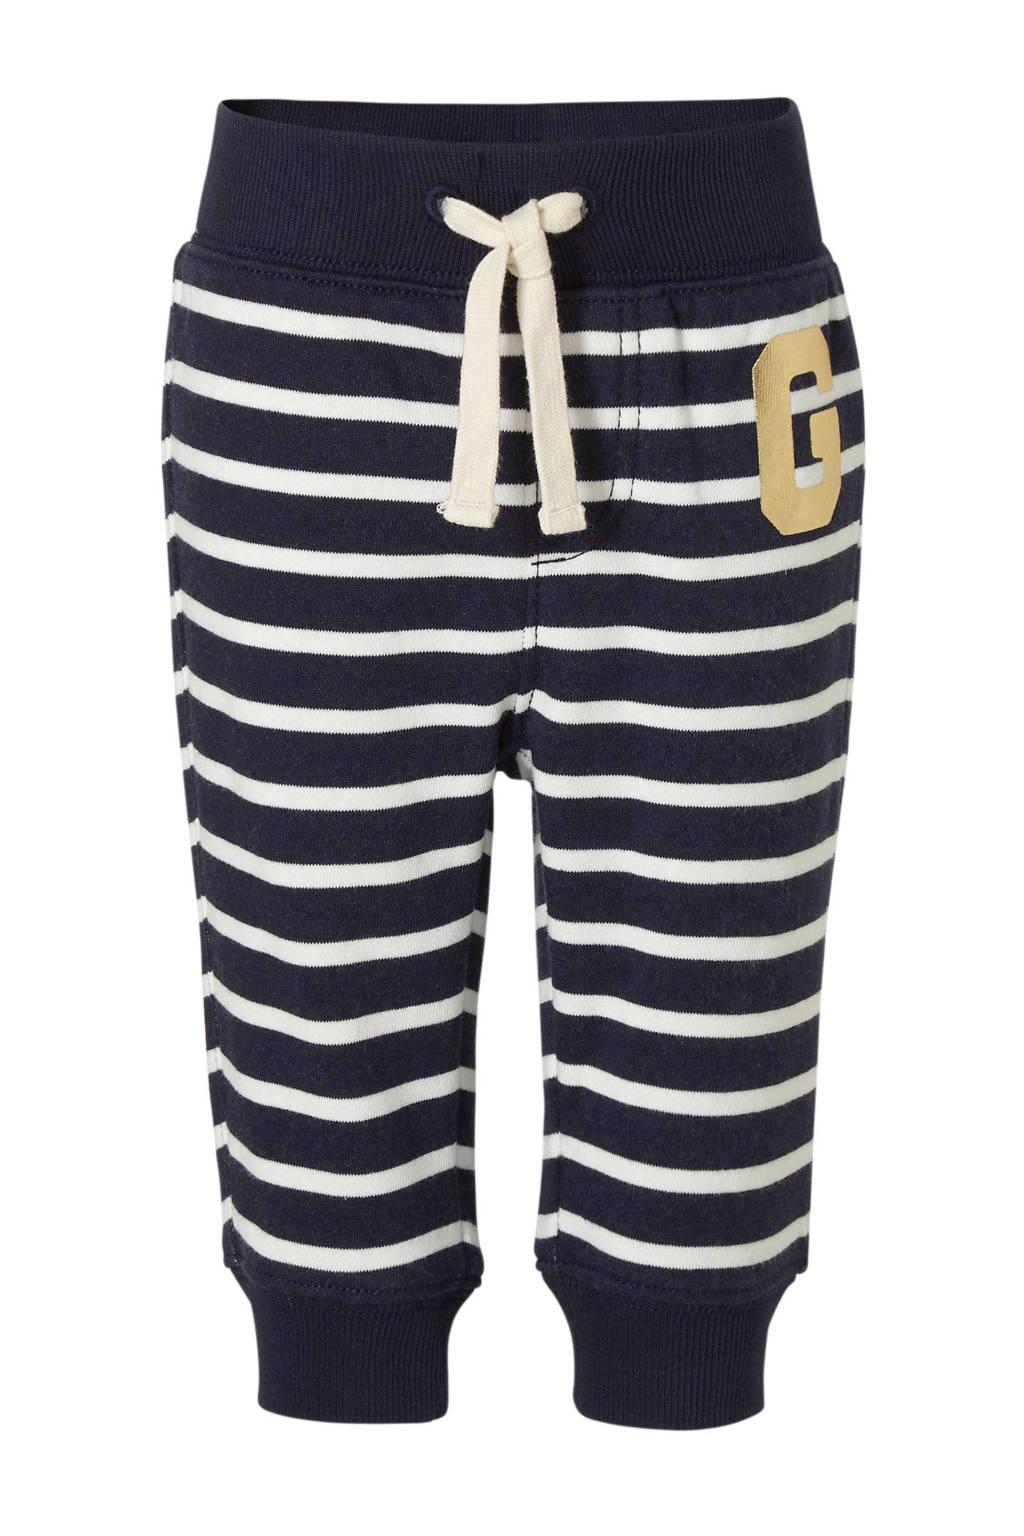 GAP baby gestreepte skinny broek donkerblauw/wit/goud